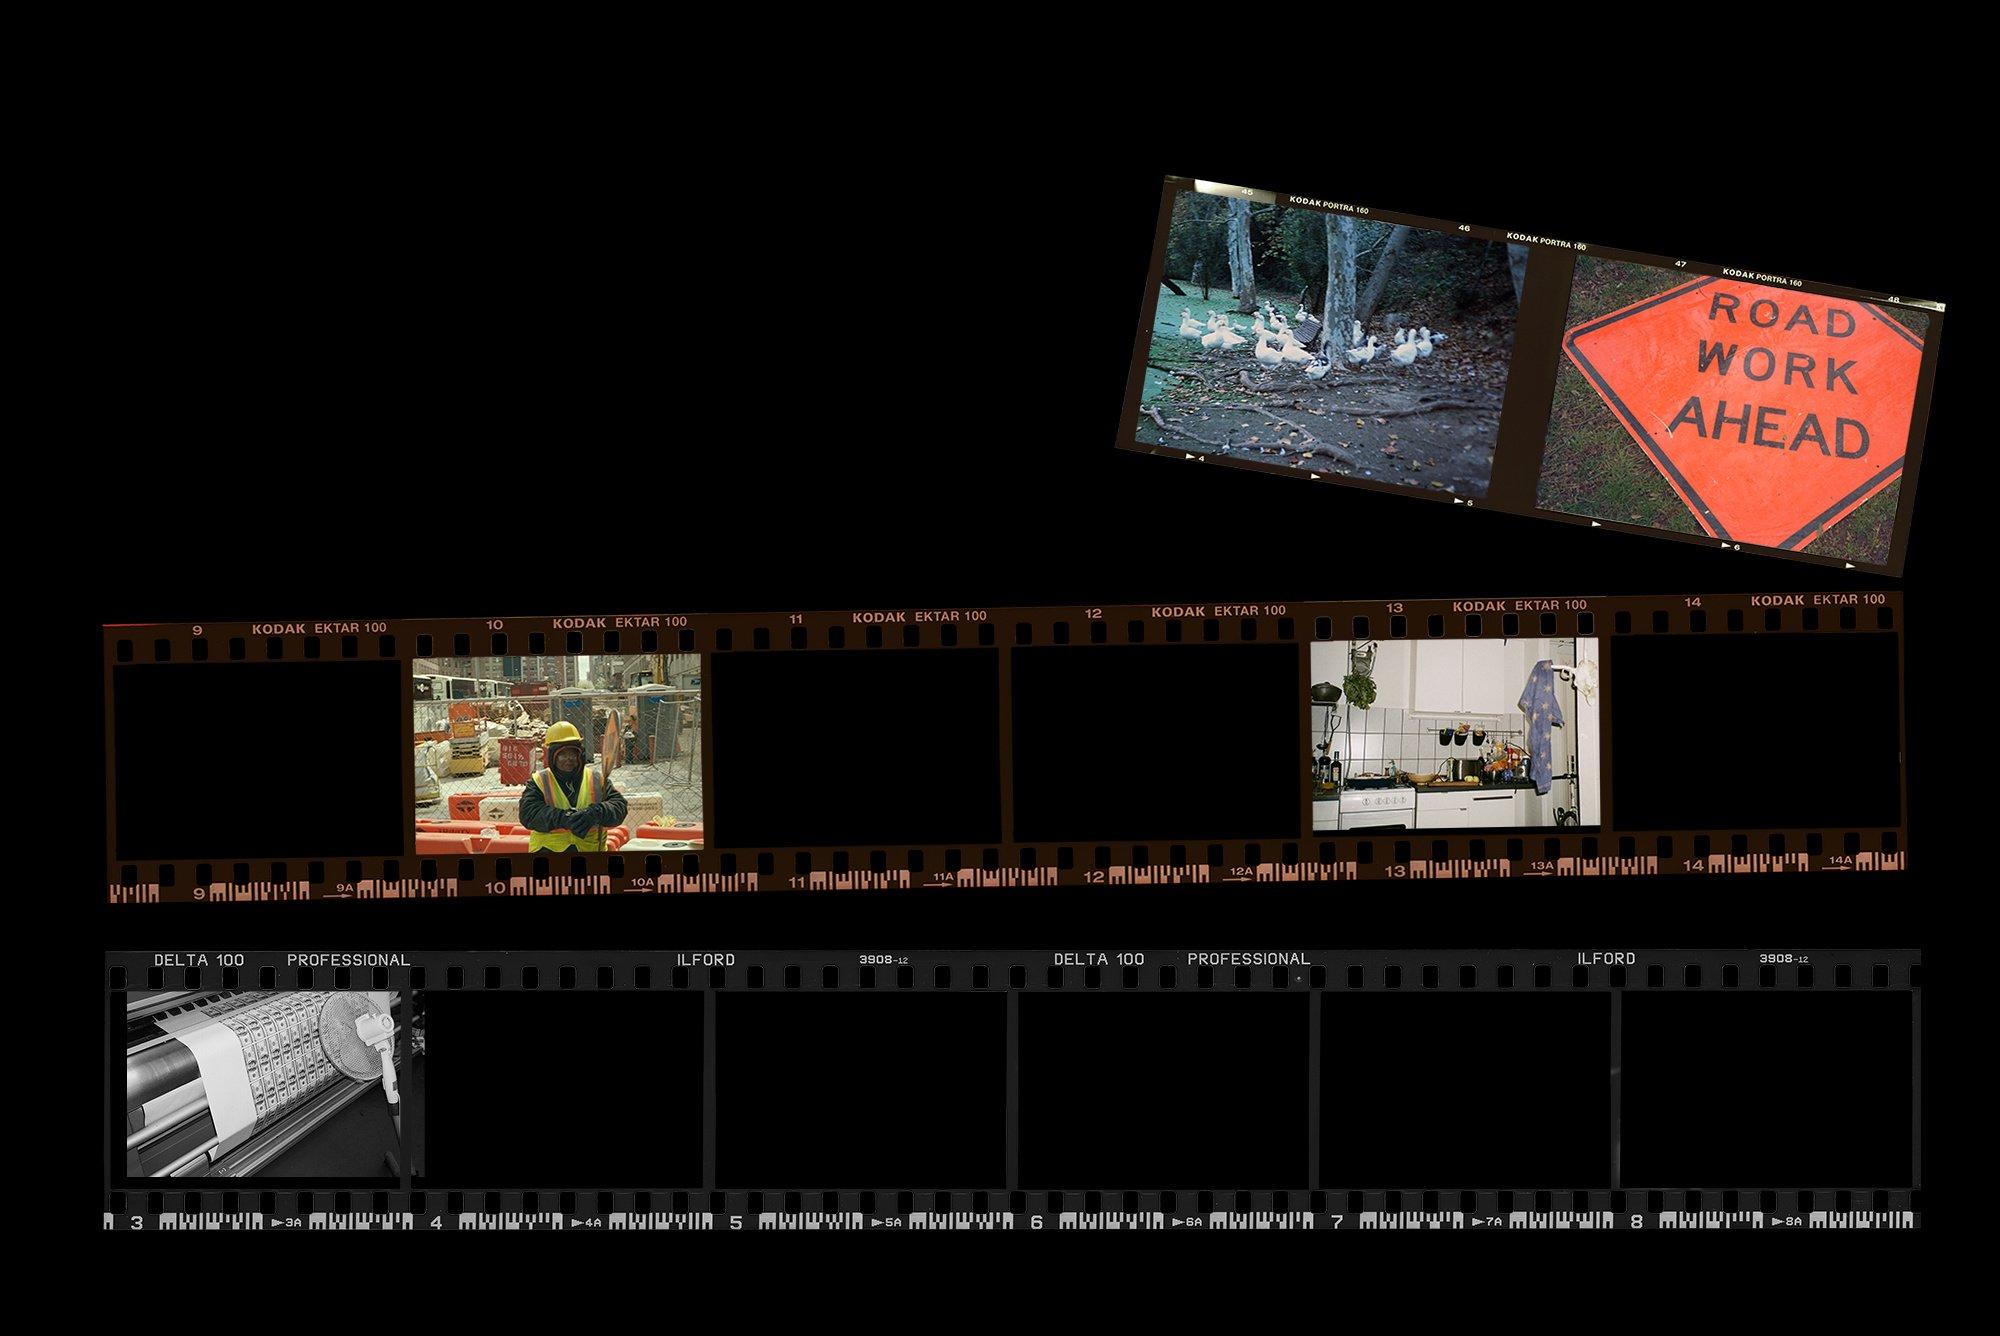 [淘宝购买] 潮流老式胶片胶卷边框图层叠加样机PS设计素材 Contact Sheet Film Roll Mockup插图(1)